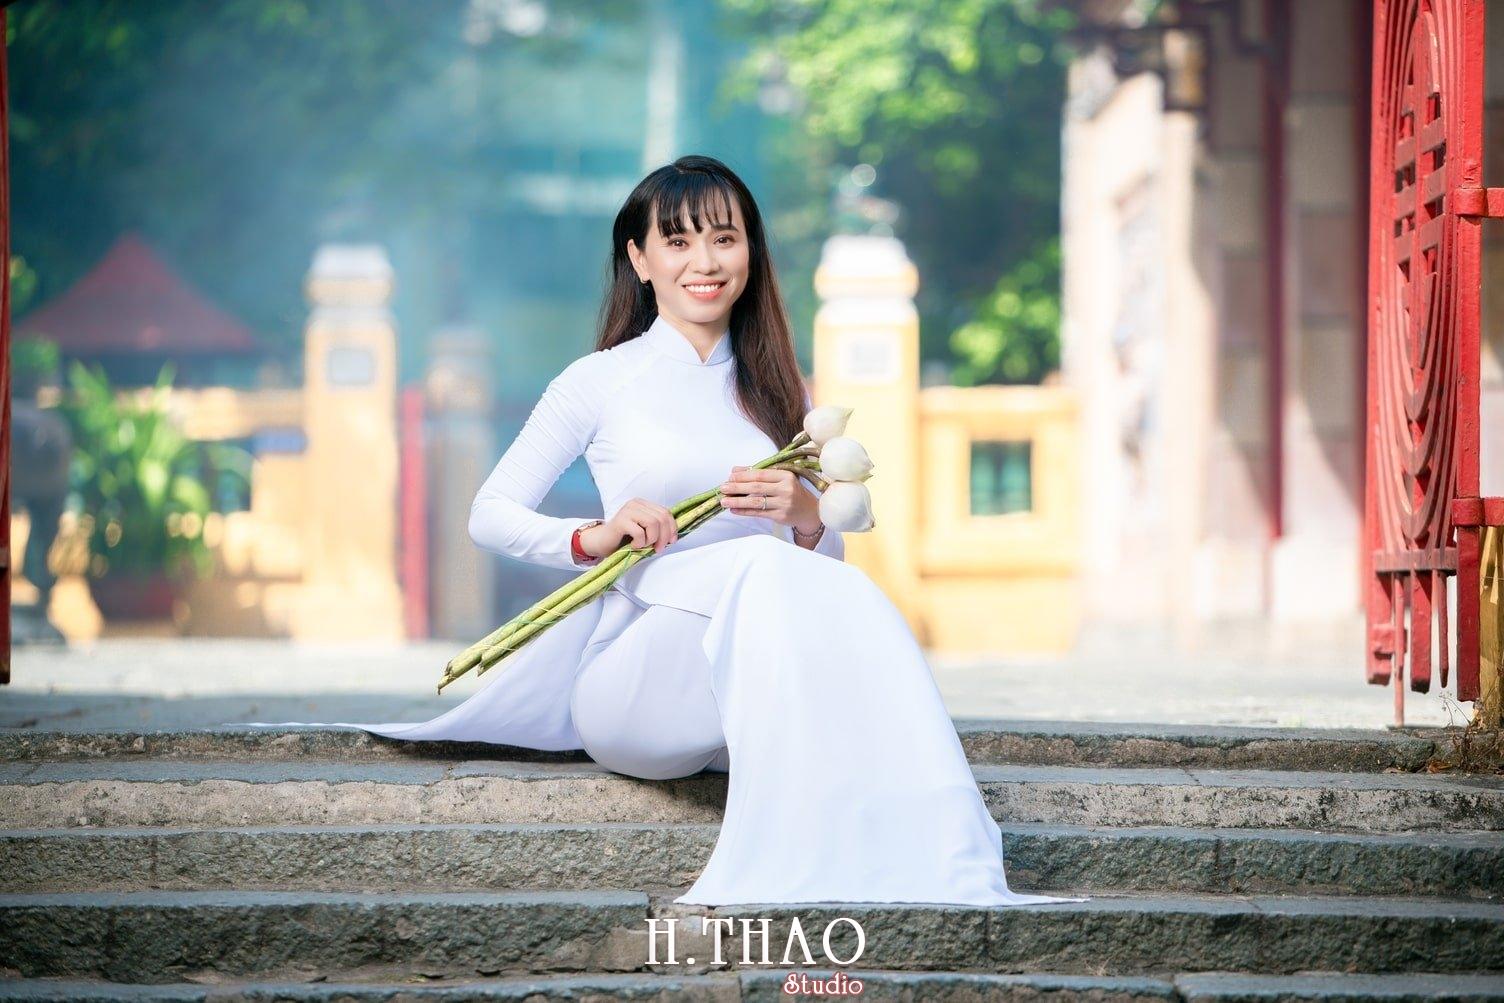 Ao dai viet nam 7 - Album áo dài tím, áo dài trắng thướt tha trong gió - HThao Studio